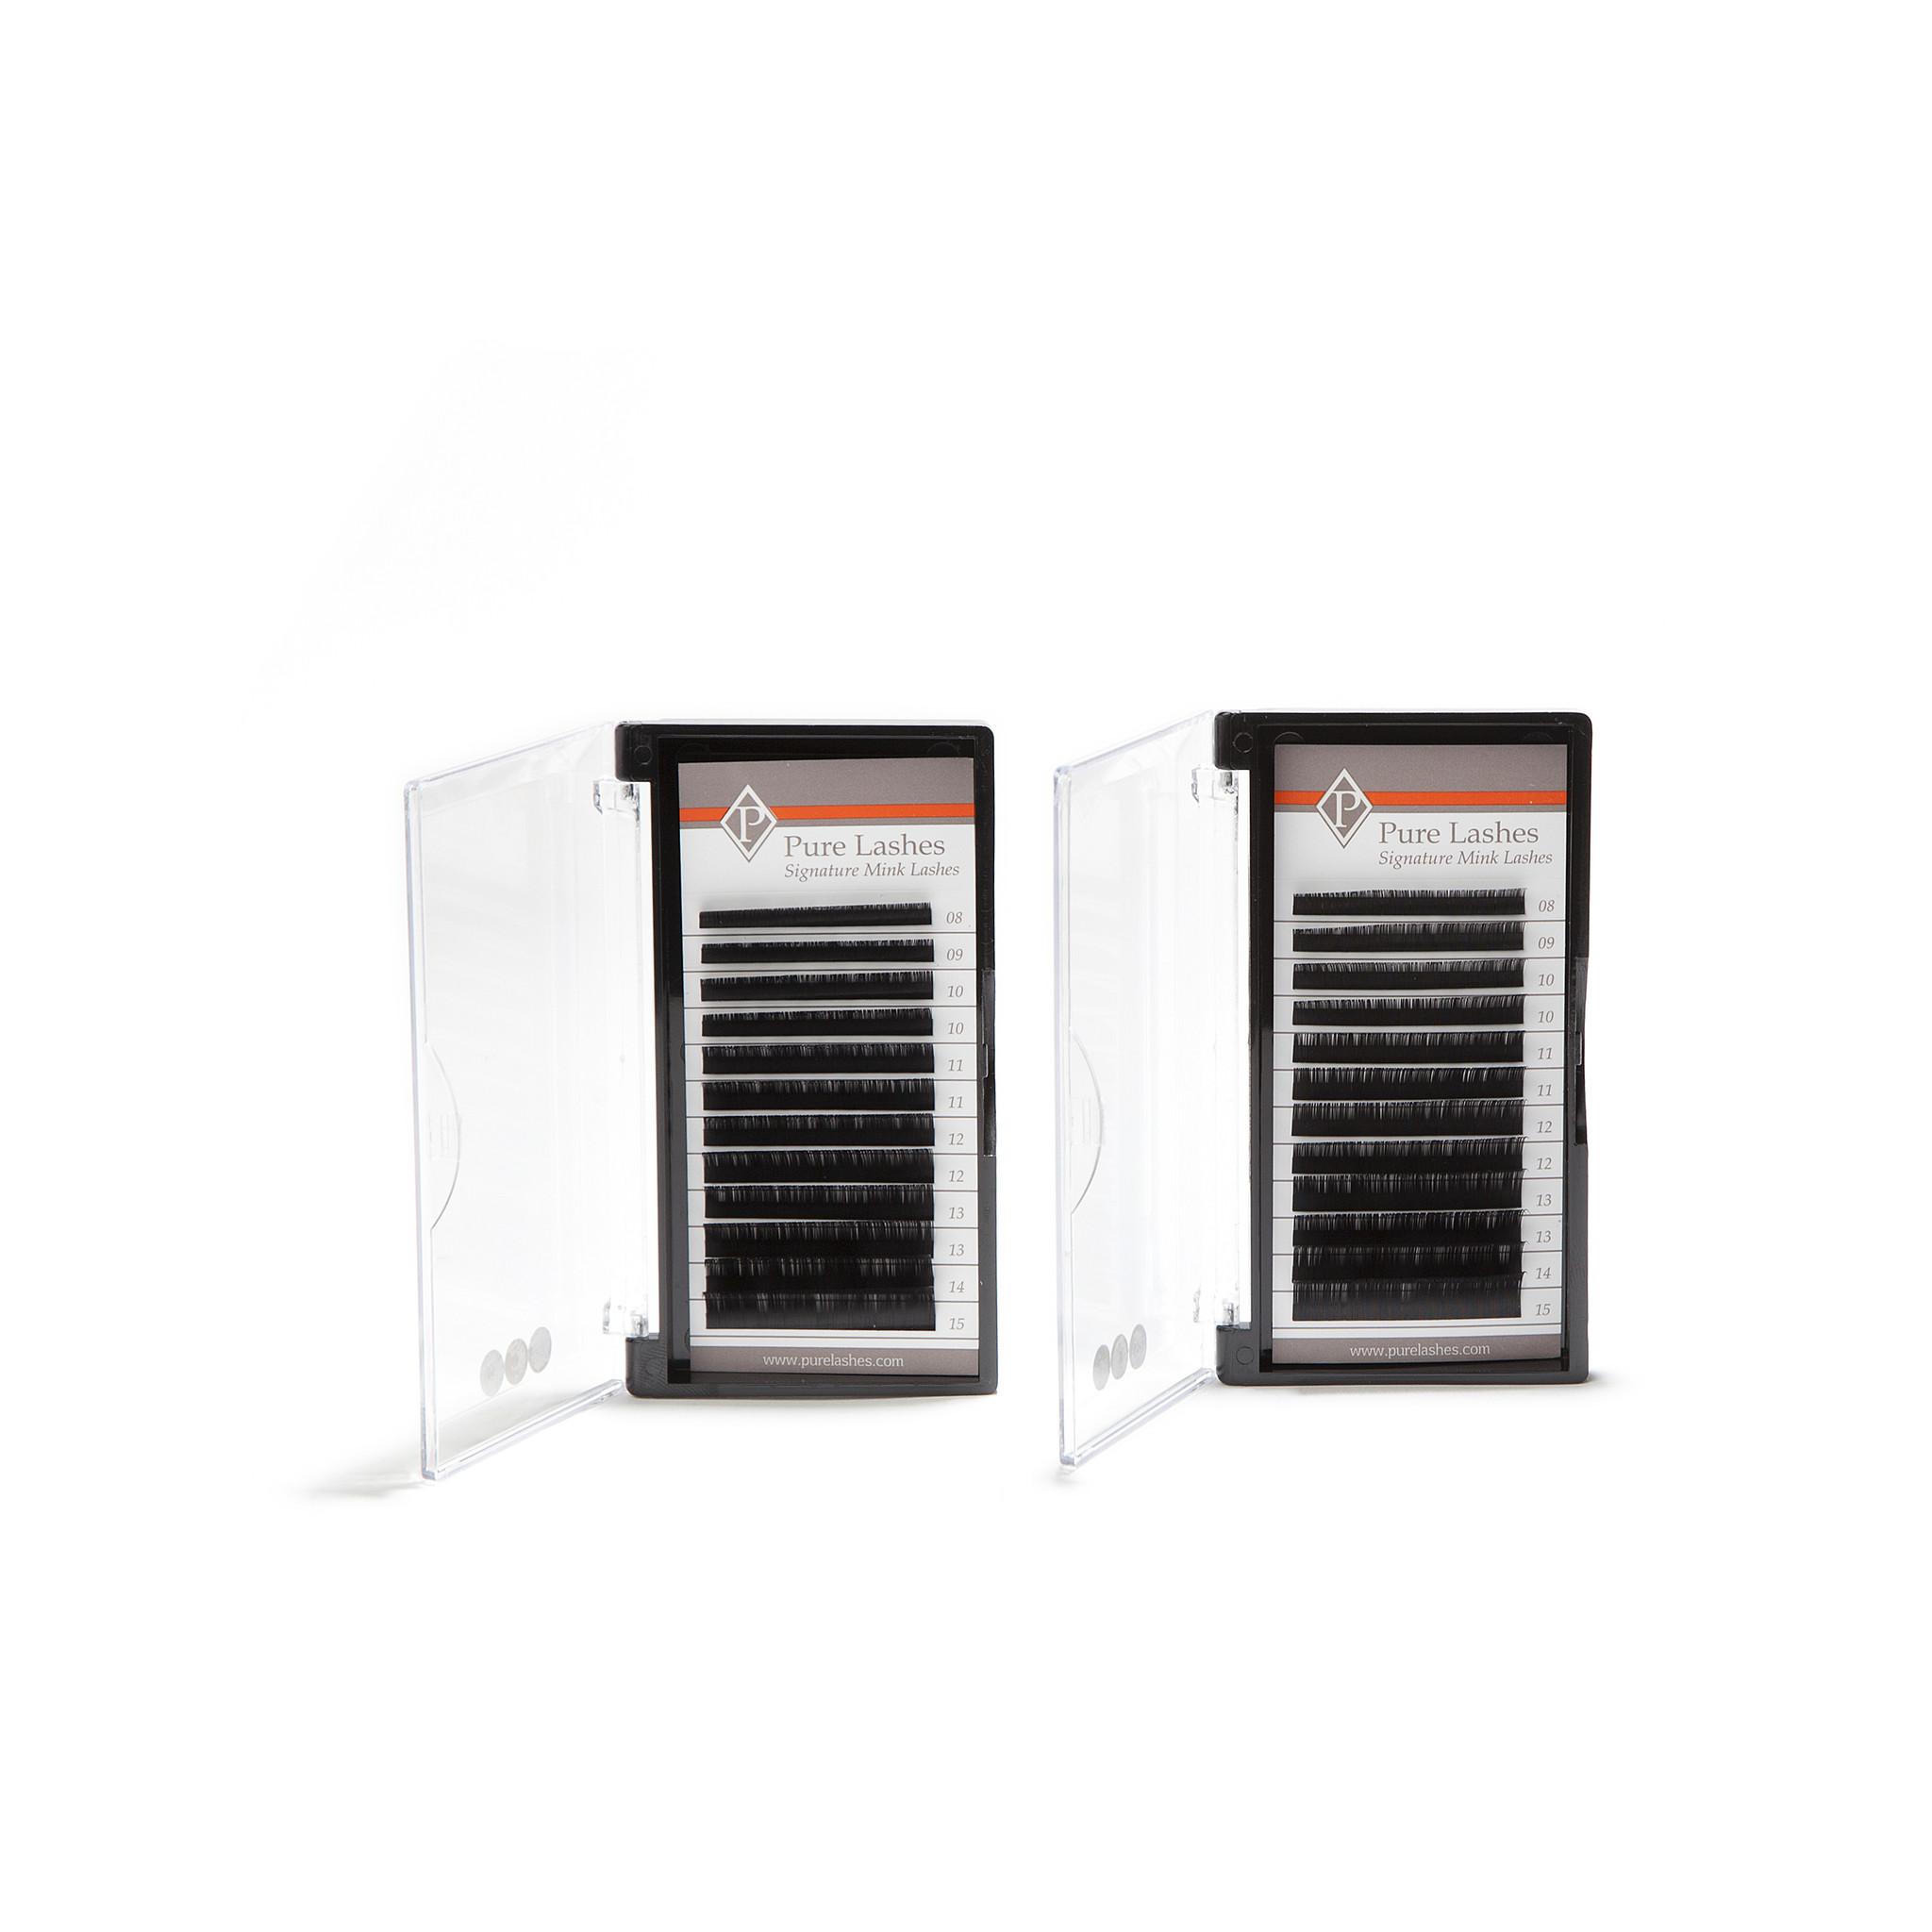 Deluxe startpakket one by one wimper extensions merken-5